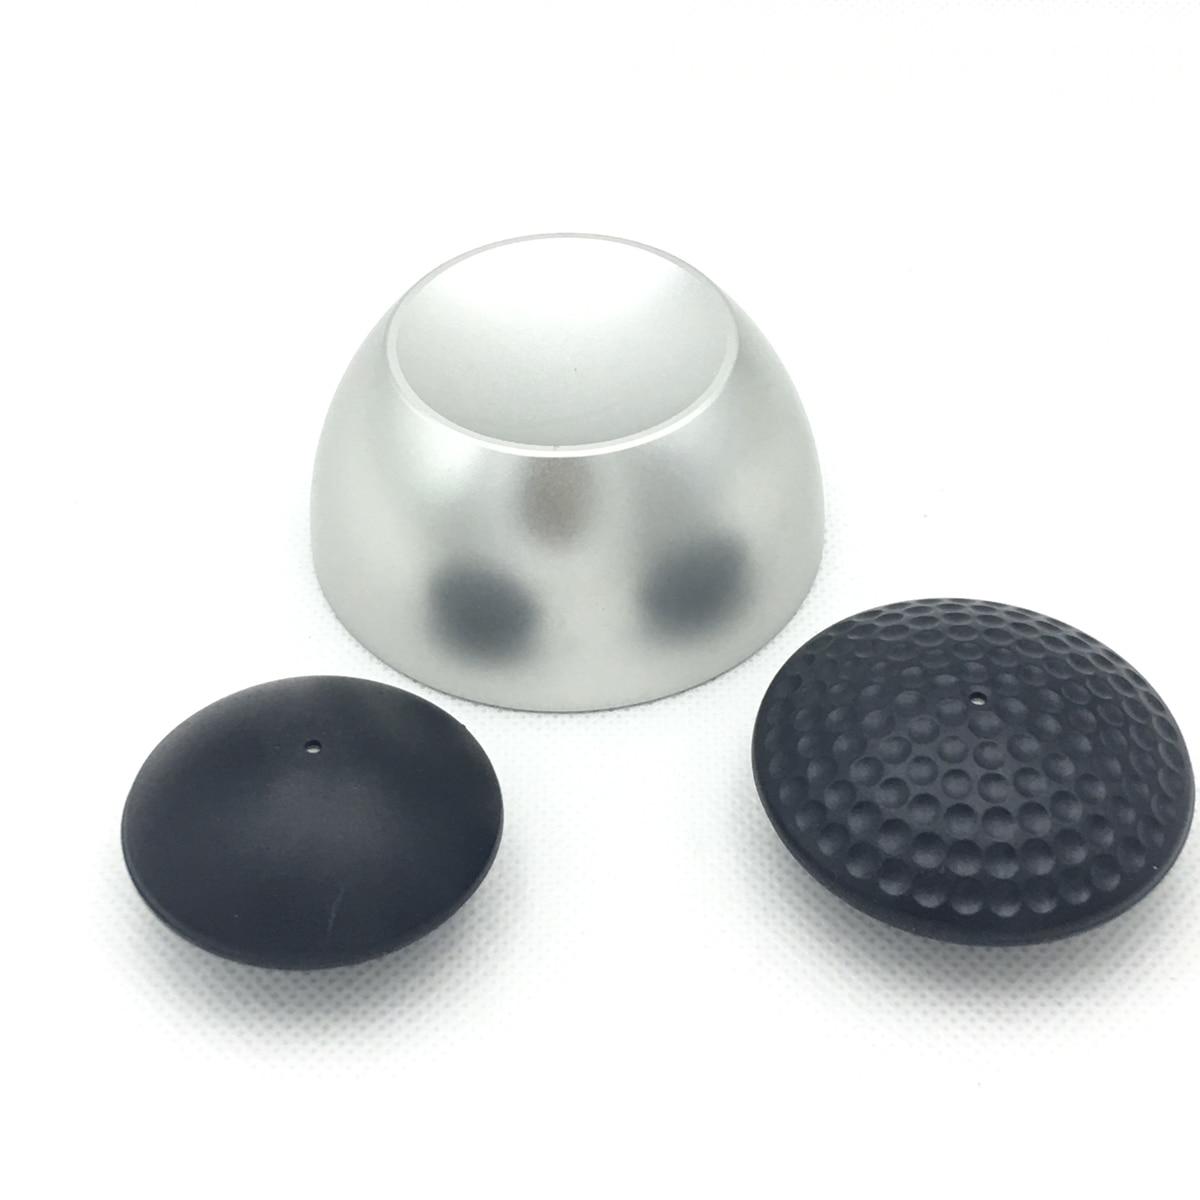 detacher etiketë golfi lehtësues 13000GS tag magnetik univerzal - Siguria dhe mbrojtja - Foto 5